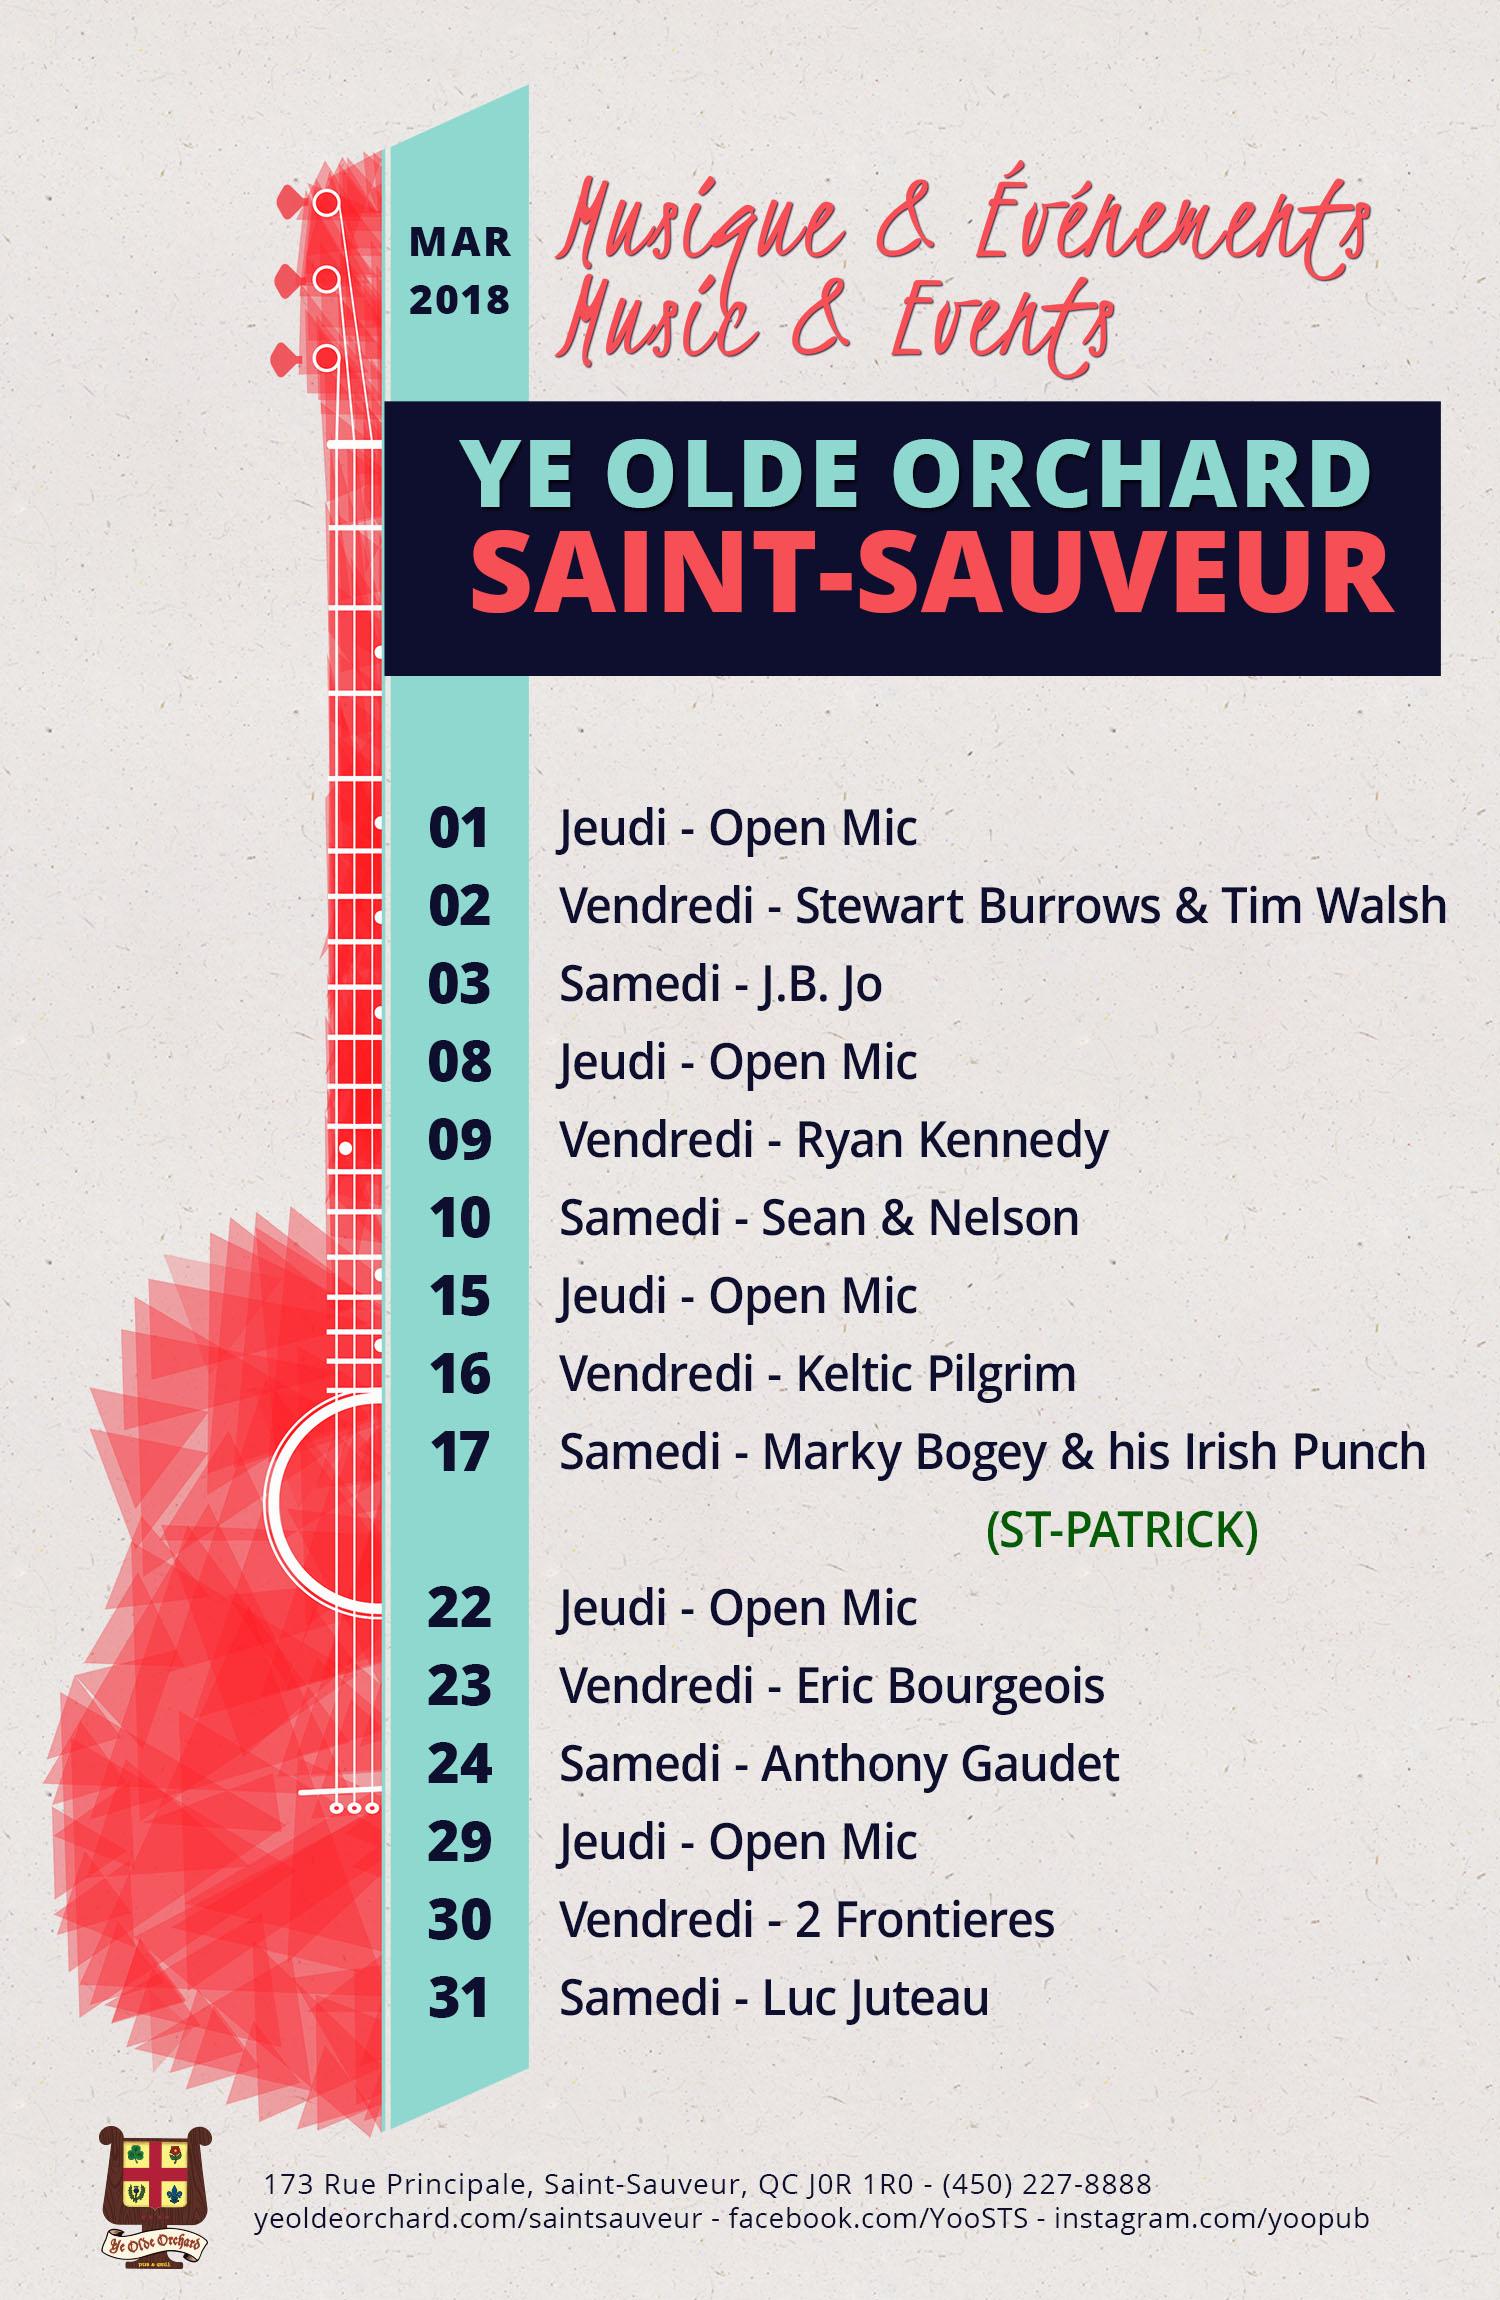 ye-olde-orchard-pub-music-and-events-calendar-SaintSauveur-MARCH -WEB